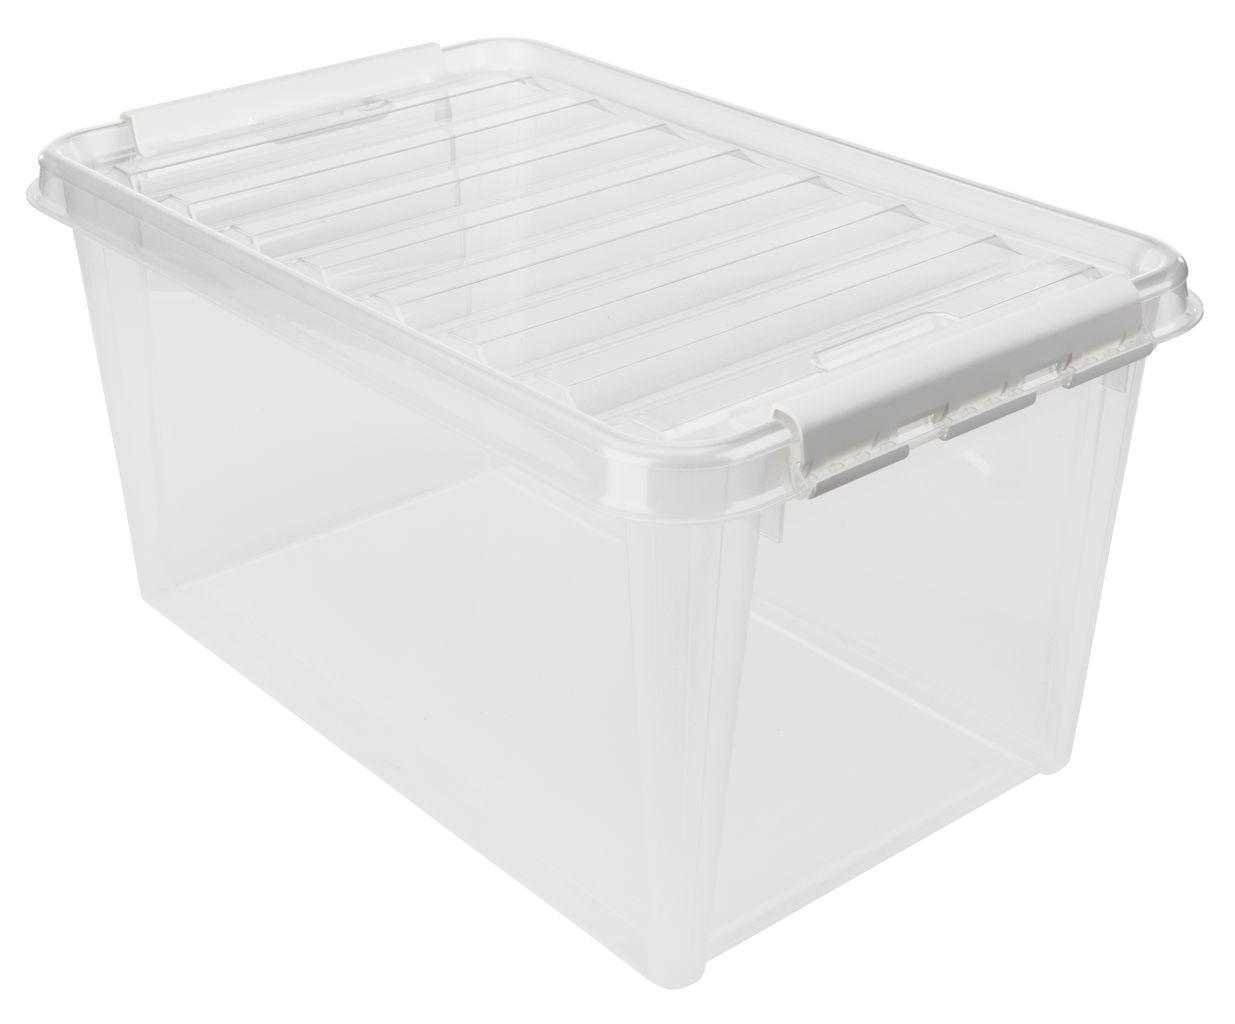 Opbergbox Smartstore Classic 45 M Deksel Jysk